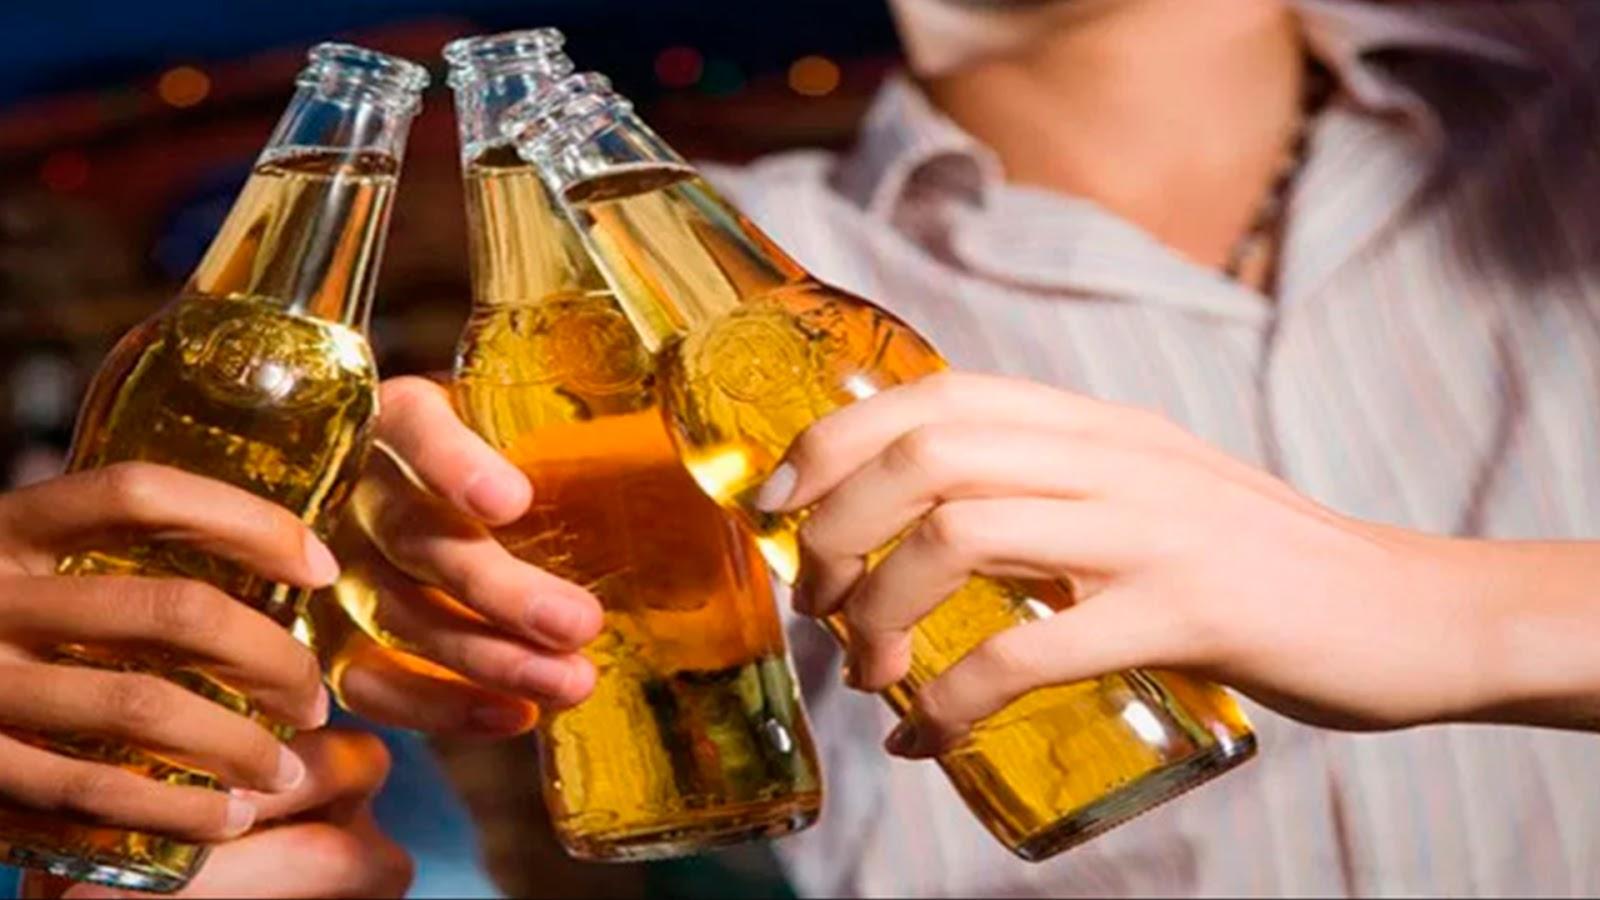 Estudio afirma que mientras más cerveza bebes, más fiel eres